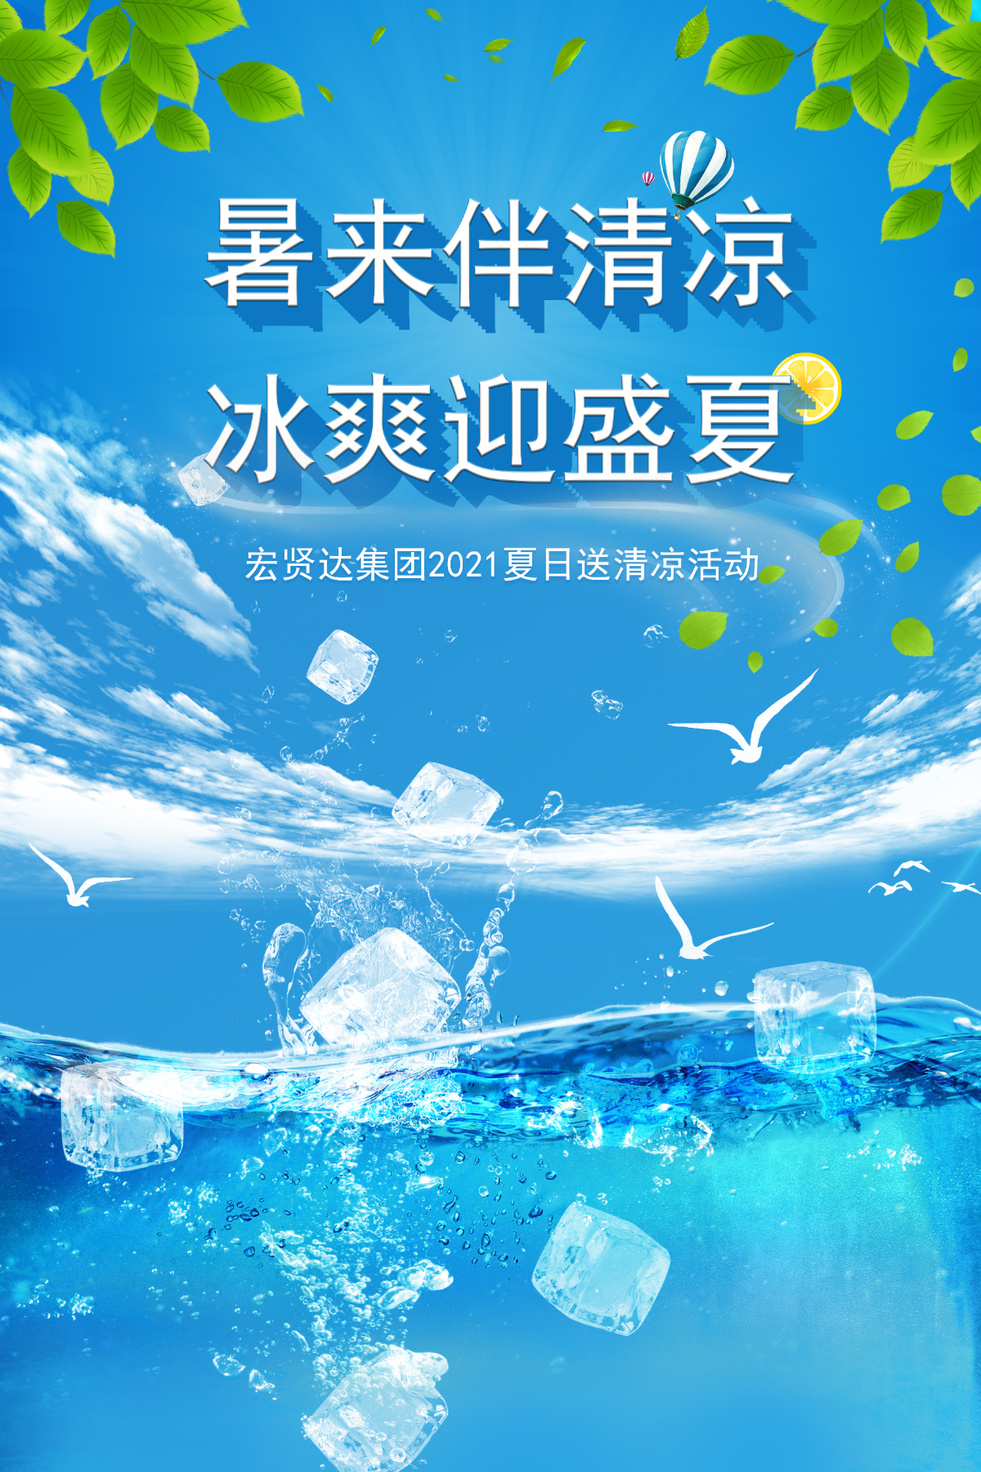 夏日送清凉海报-3.jpg